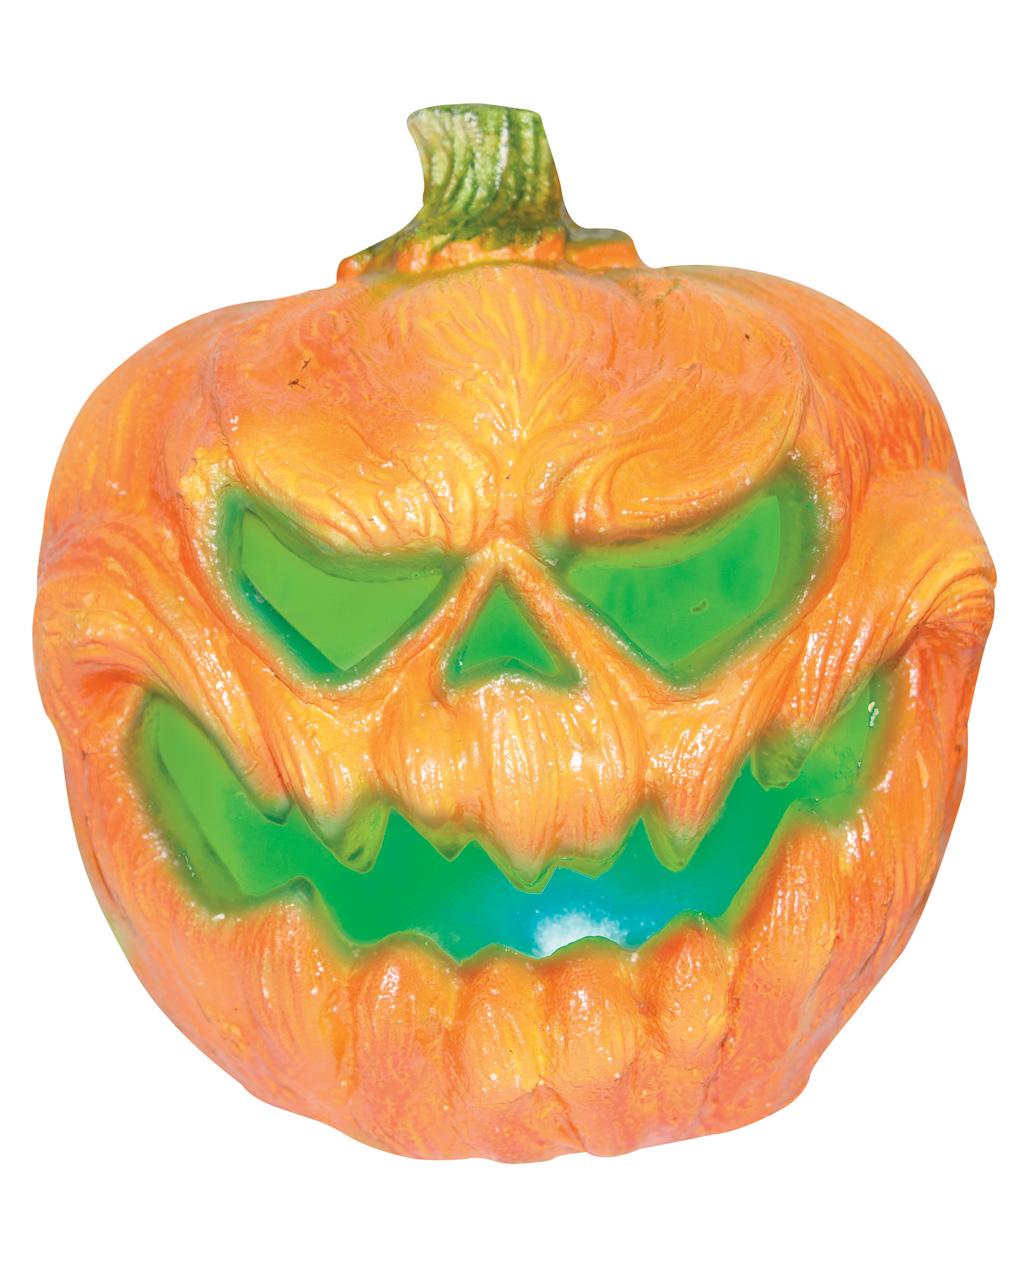 Creepy Kurbis Halloween Deko Mit Licht 19cm Kaufen Horror Shop Com